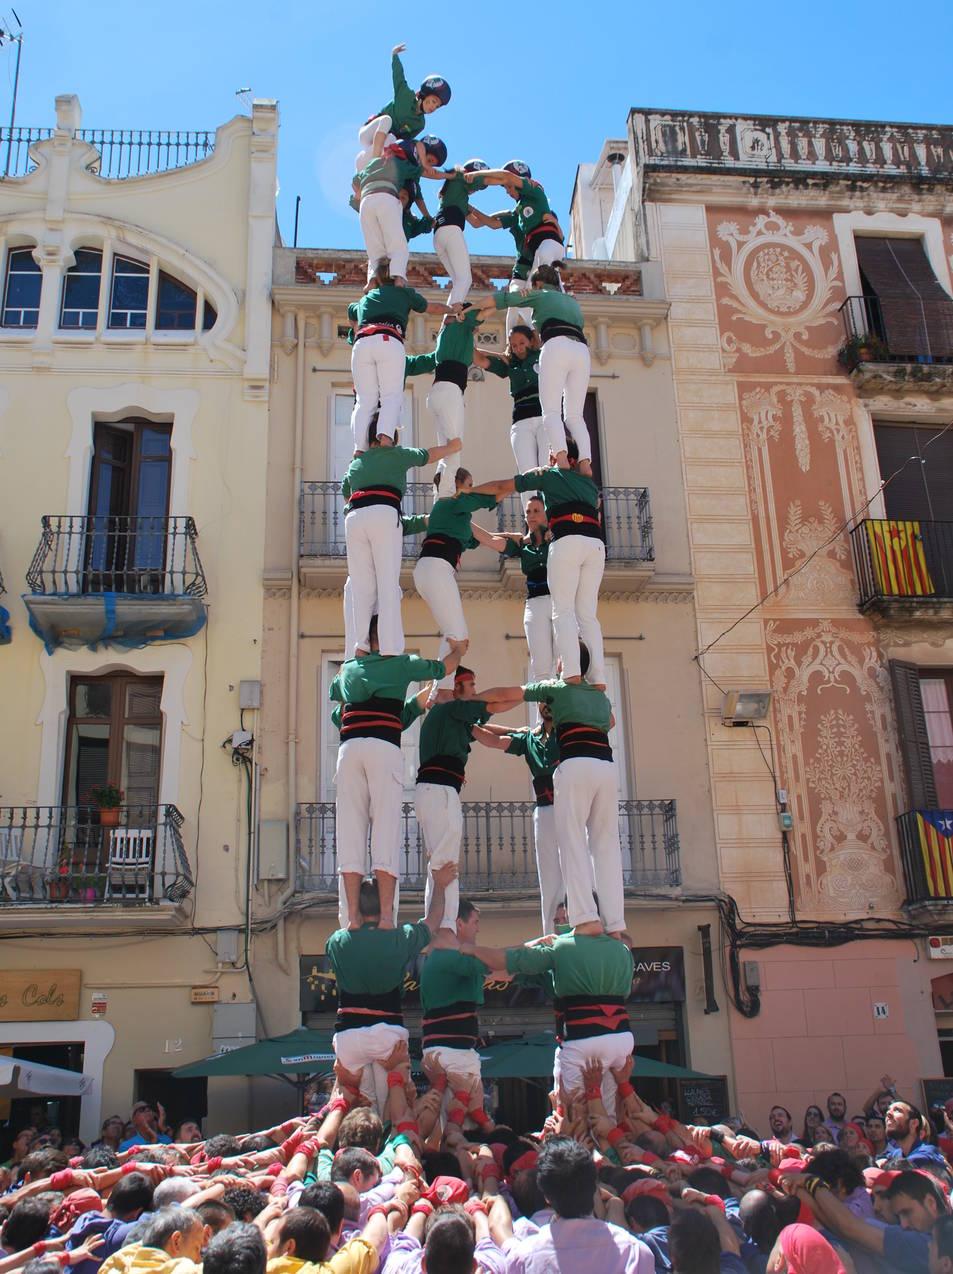 5de8 dels Castellers de Sant Cugat a la diada de La Grallada de Vilanova.